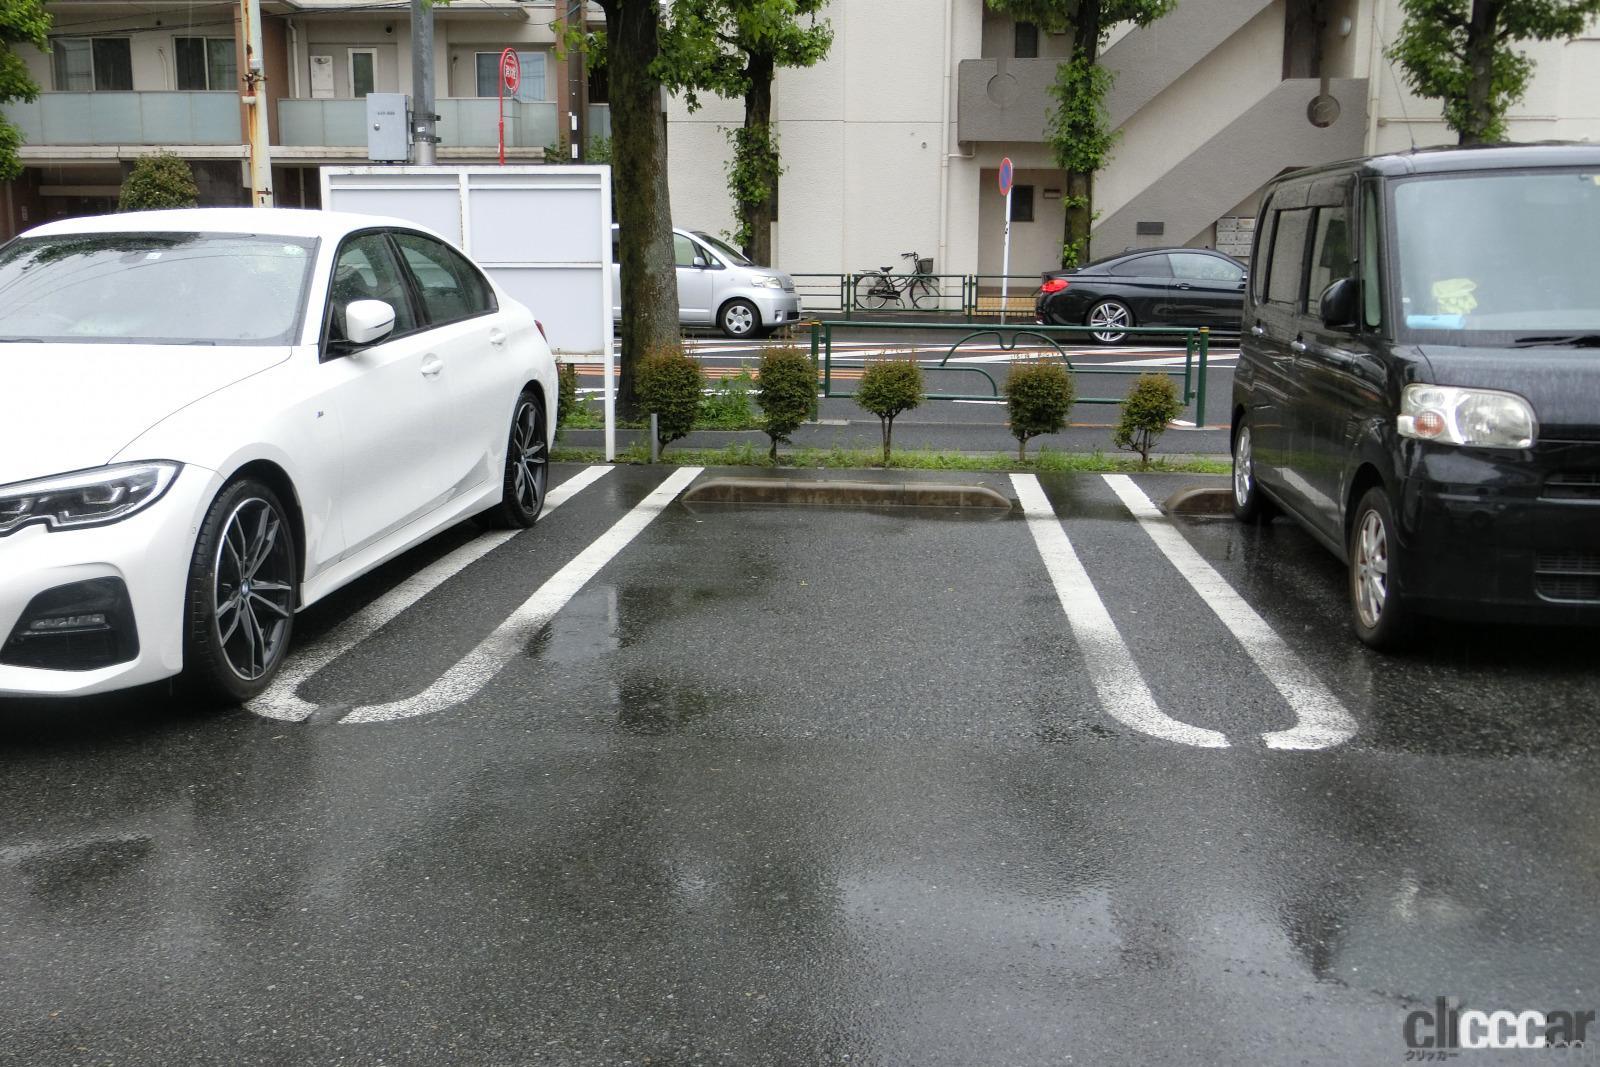 「ドアパンチからの当て逃げ、修理、泣き寝入りを避ける駐車スペース選び3つの方法」の6枚目の画像